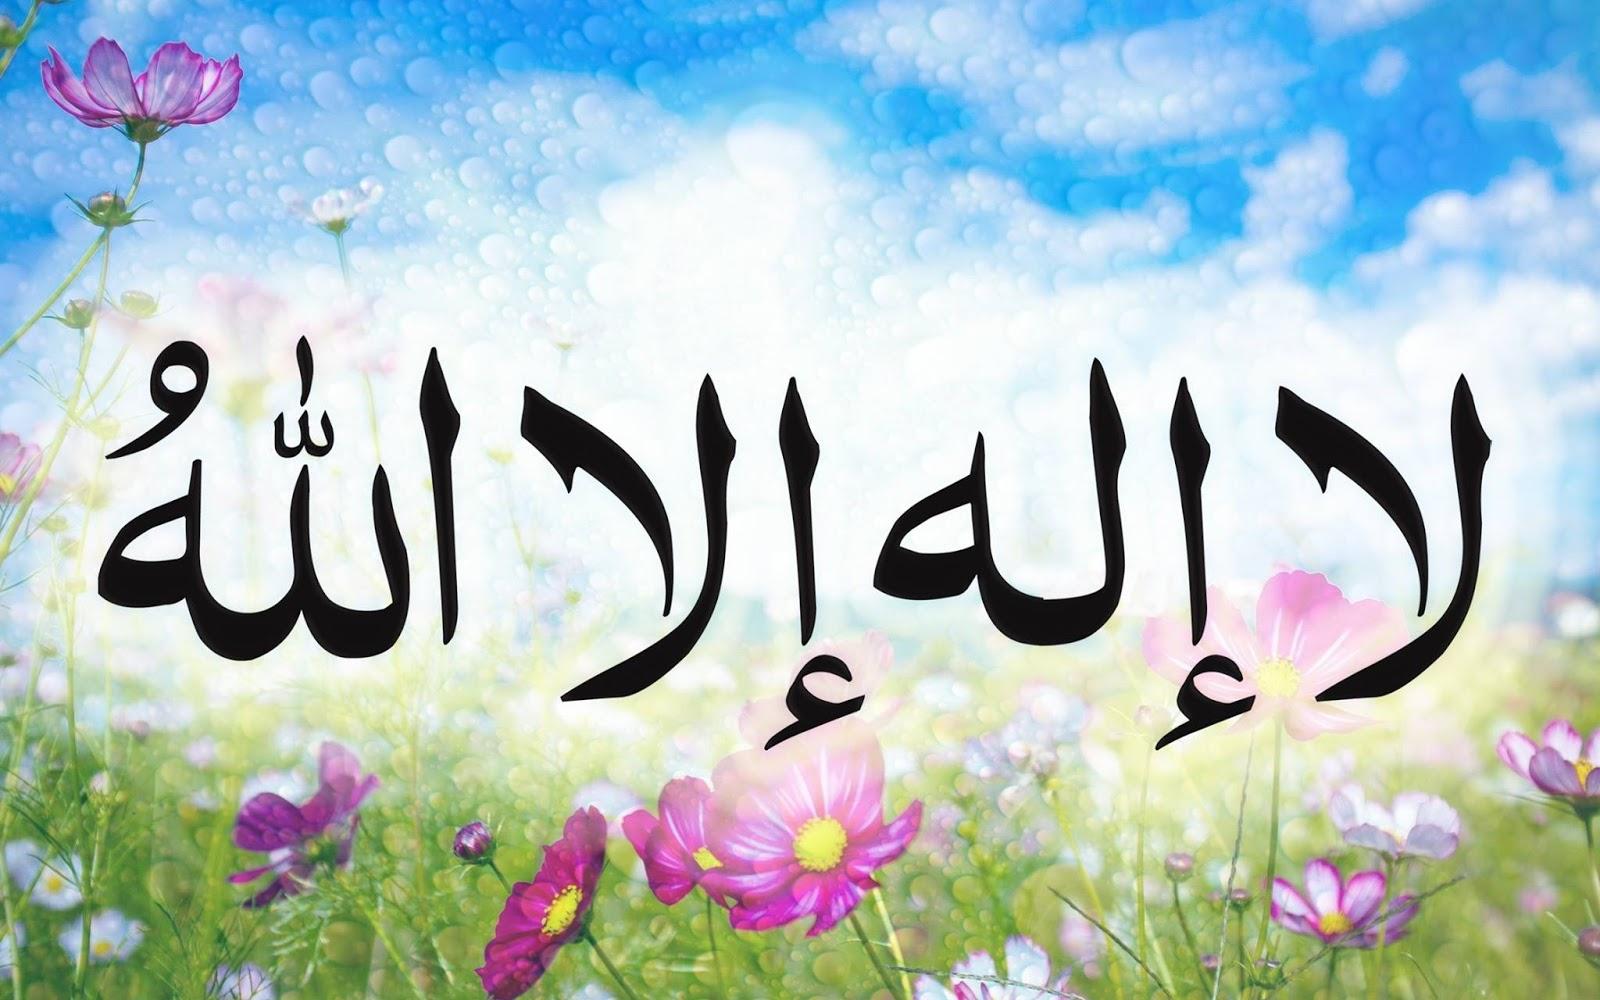 Kalimat La Ilaha Illallah bimbingan islam